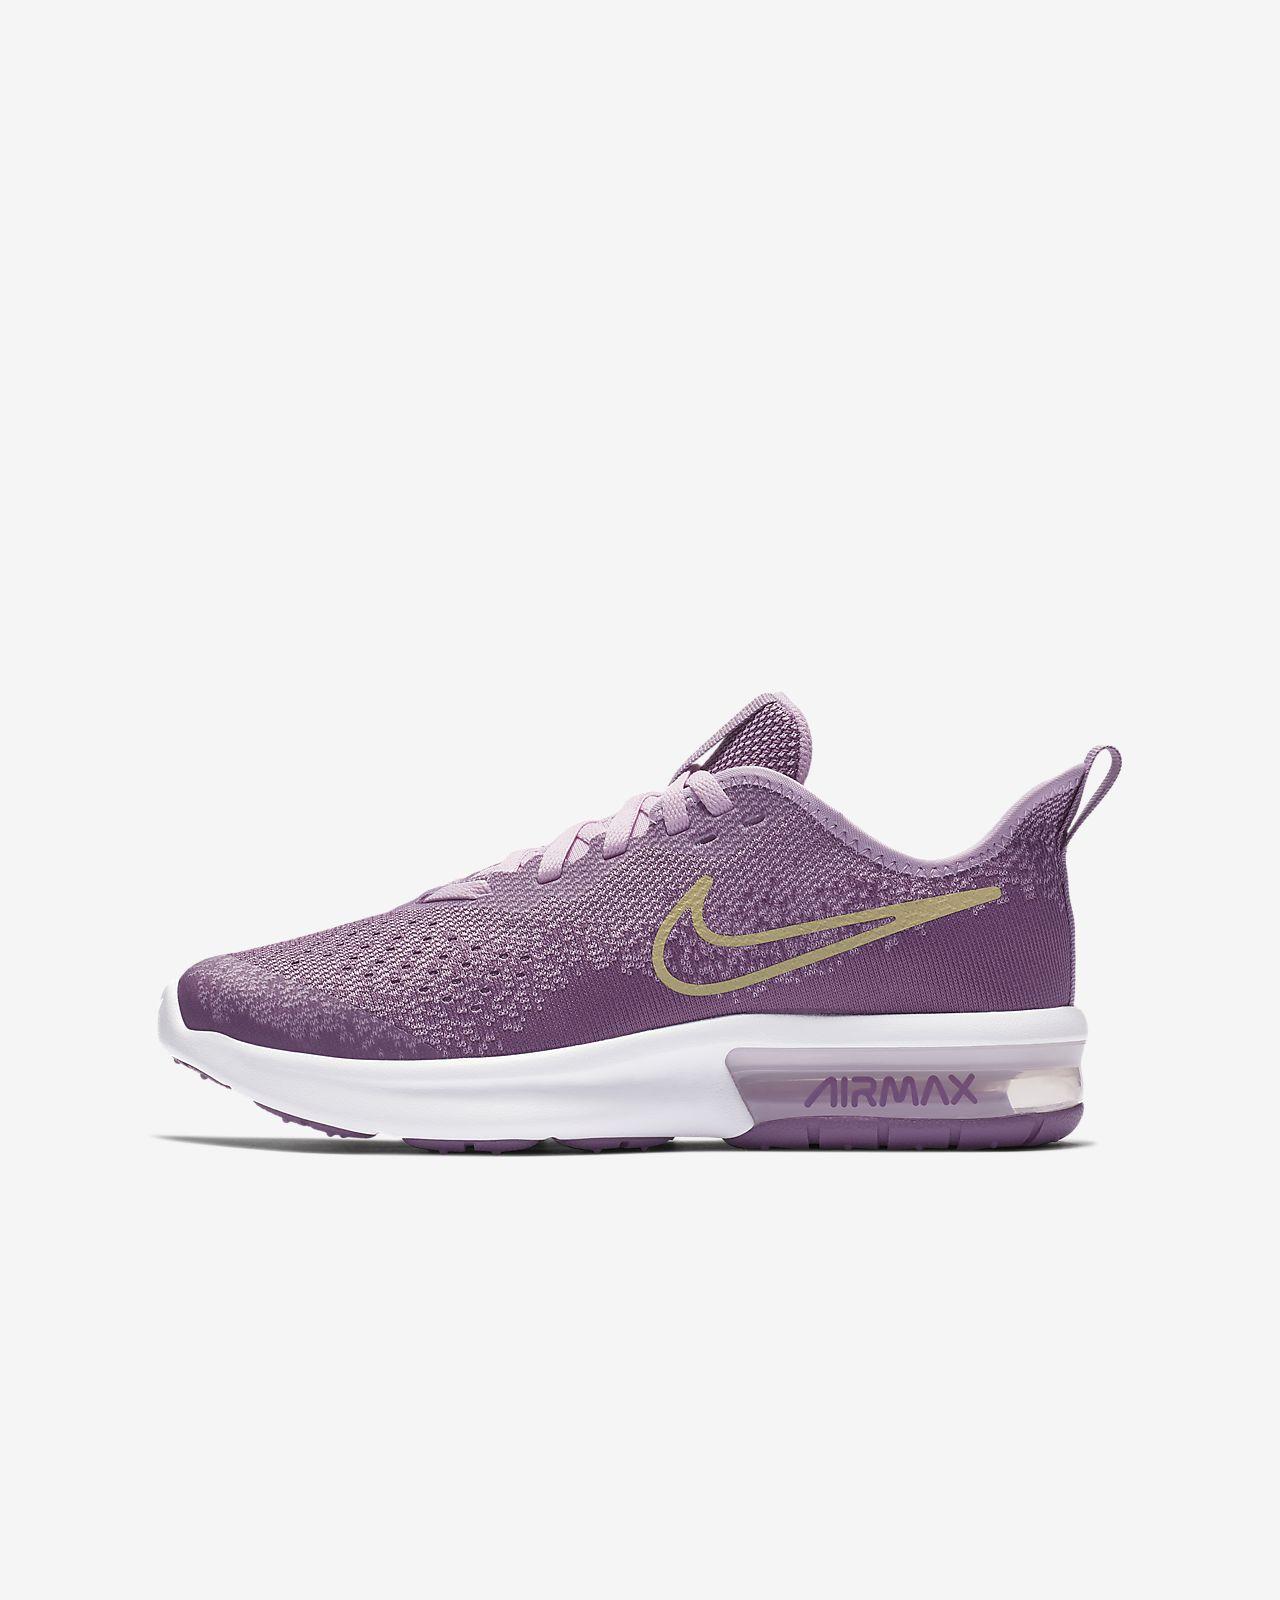 Til Nike Sko Store rnDk 4 B Sequent Max Air WI92EDH